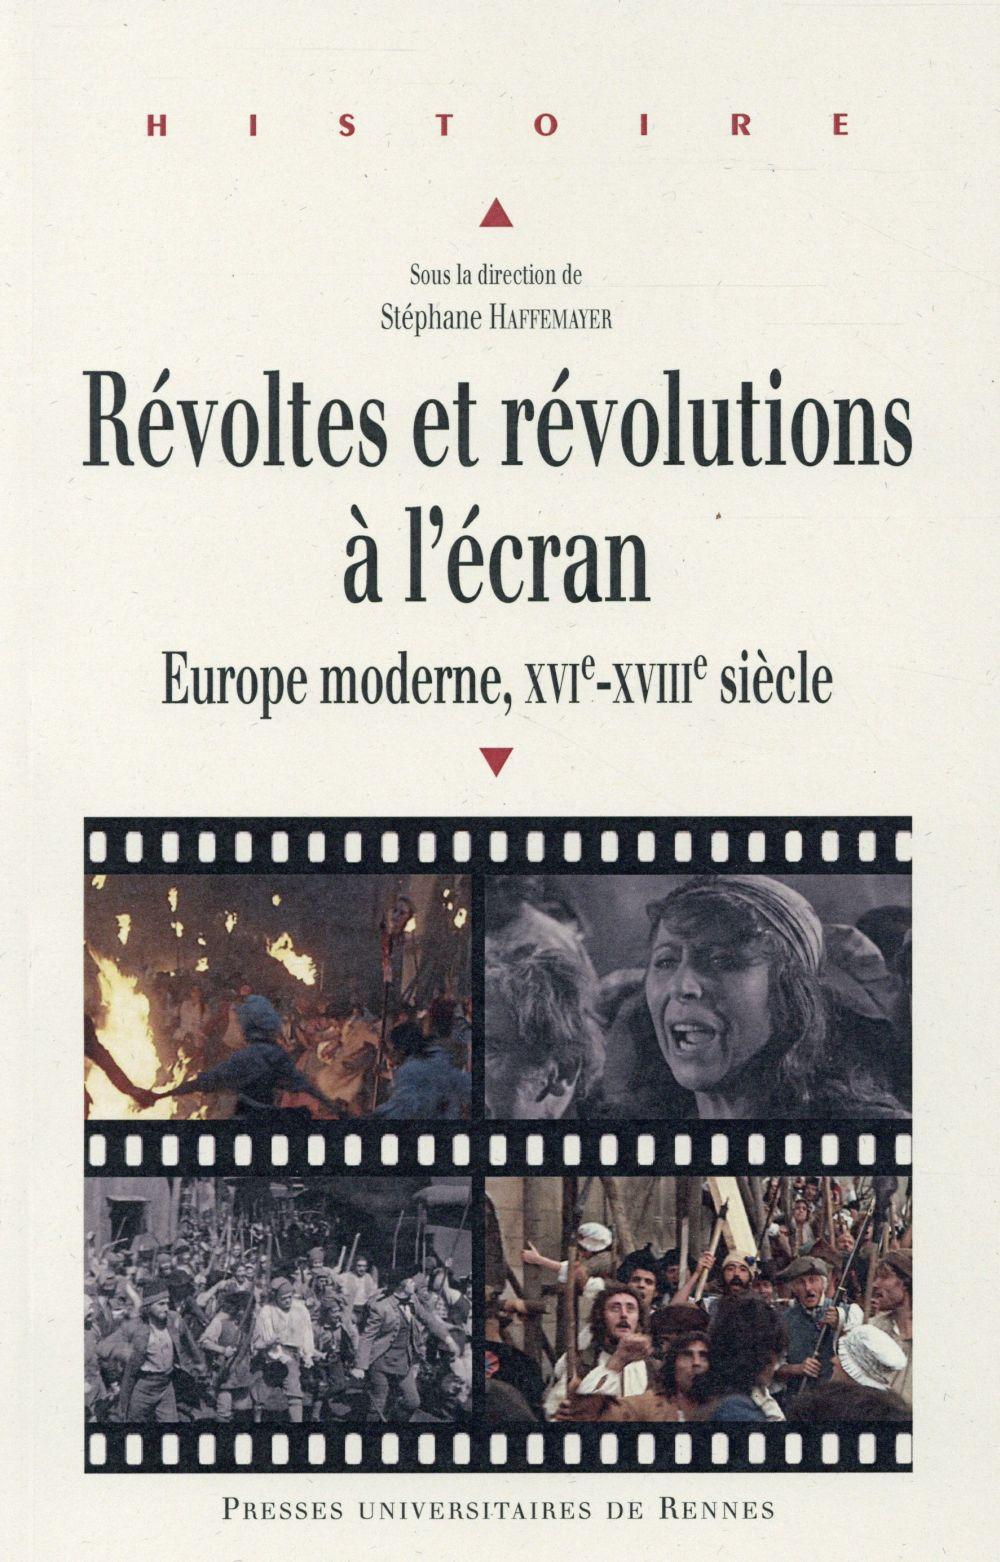 Révoltes et révolutions à l'écran ; Europe moderne, XVI-XVIIie sicèles